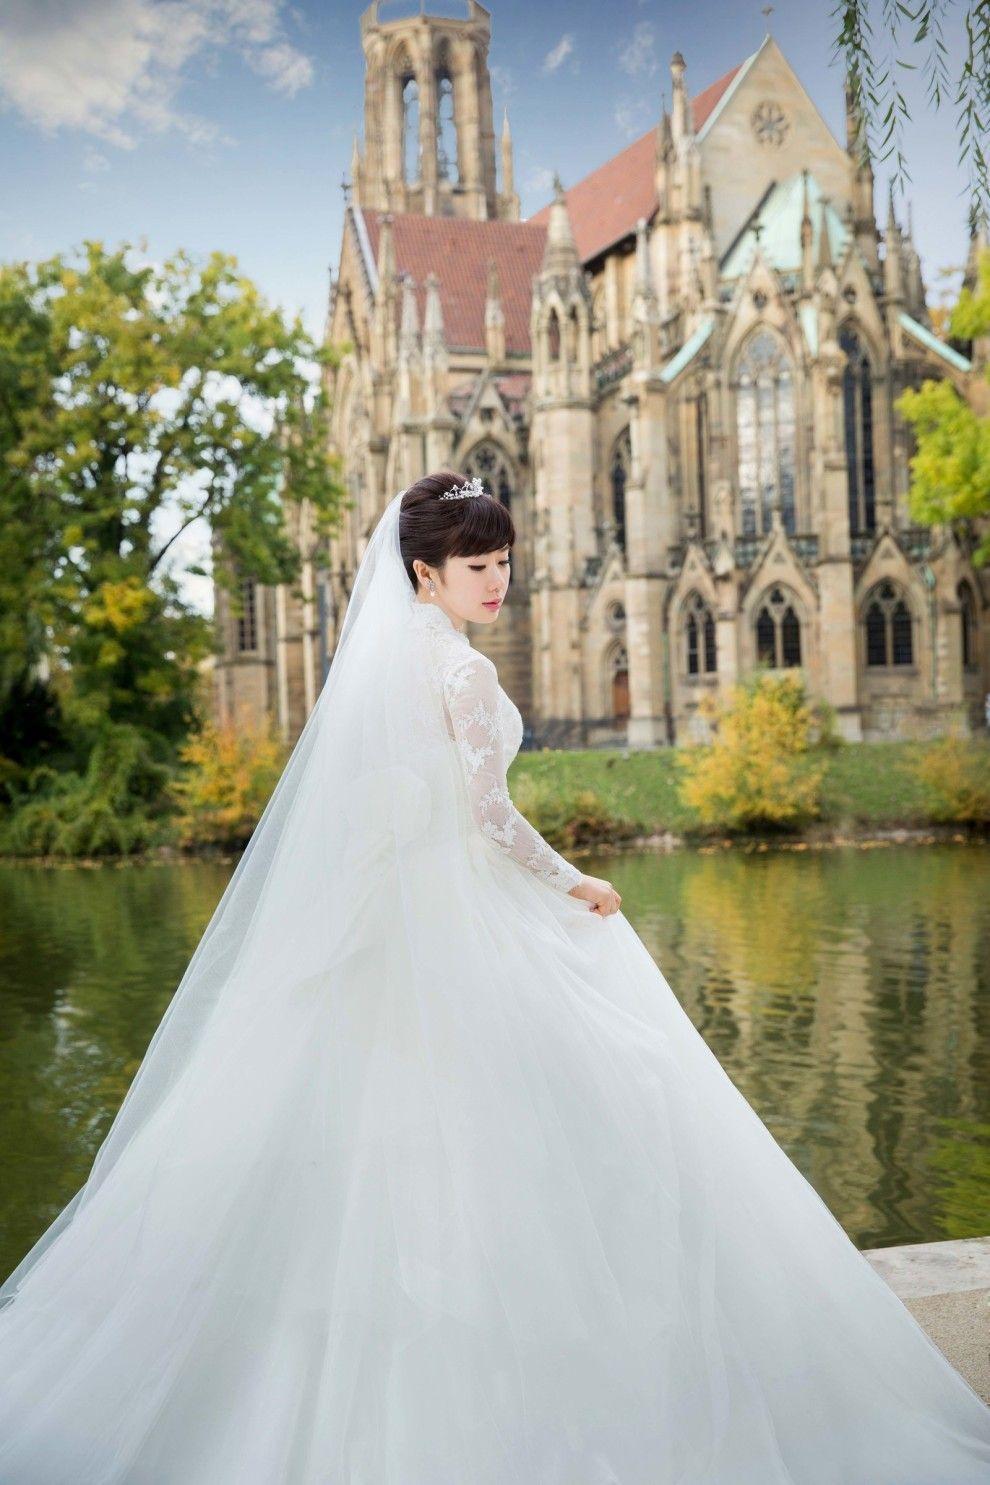 写真 福原愛のウェディングドレス姿が天使すぎる 幸せが伝わる5枚の写真 結婚式 ドレス 写真 結婚式 芸能人 ウェディングドレス